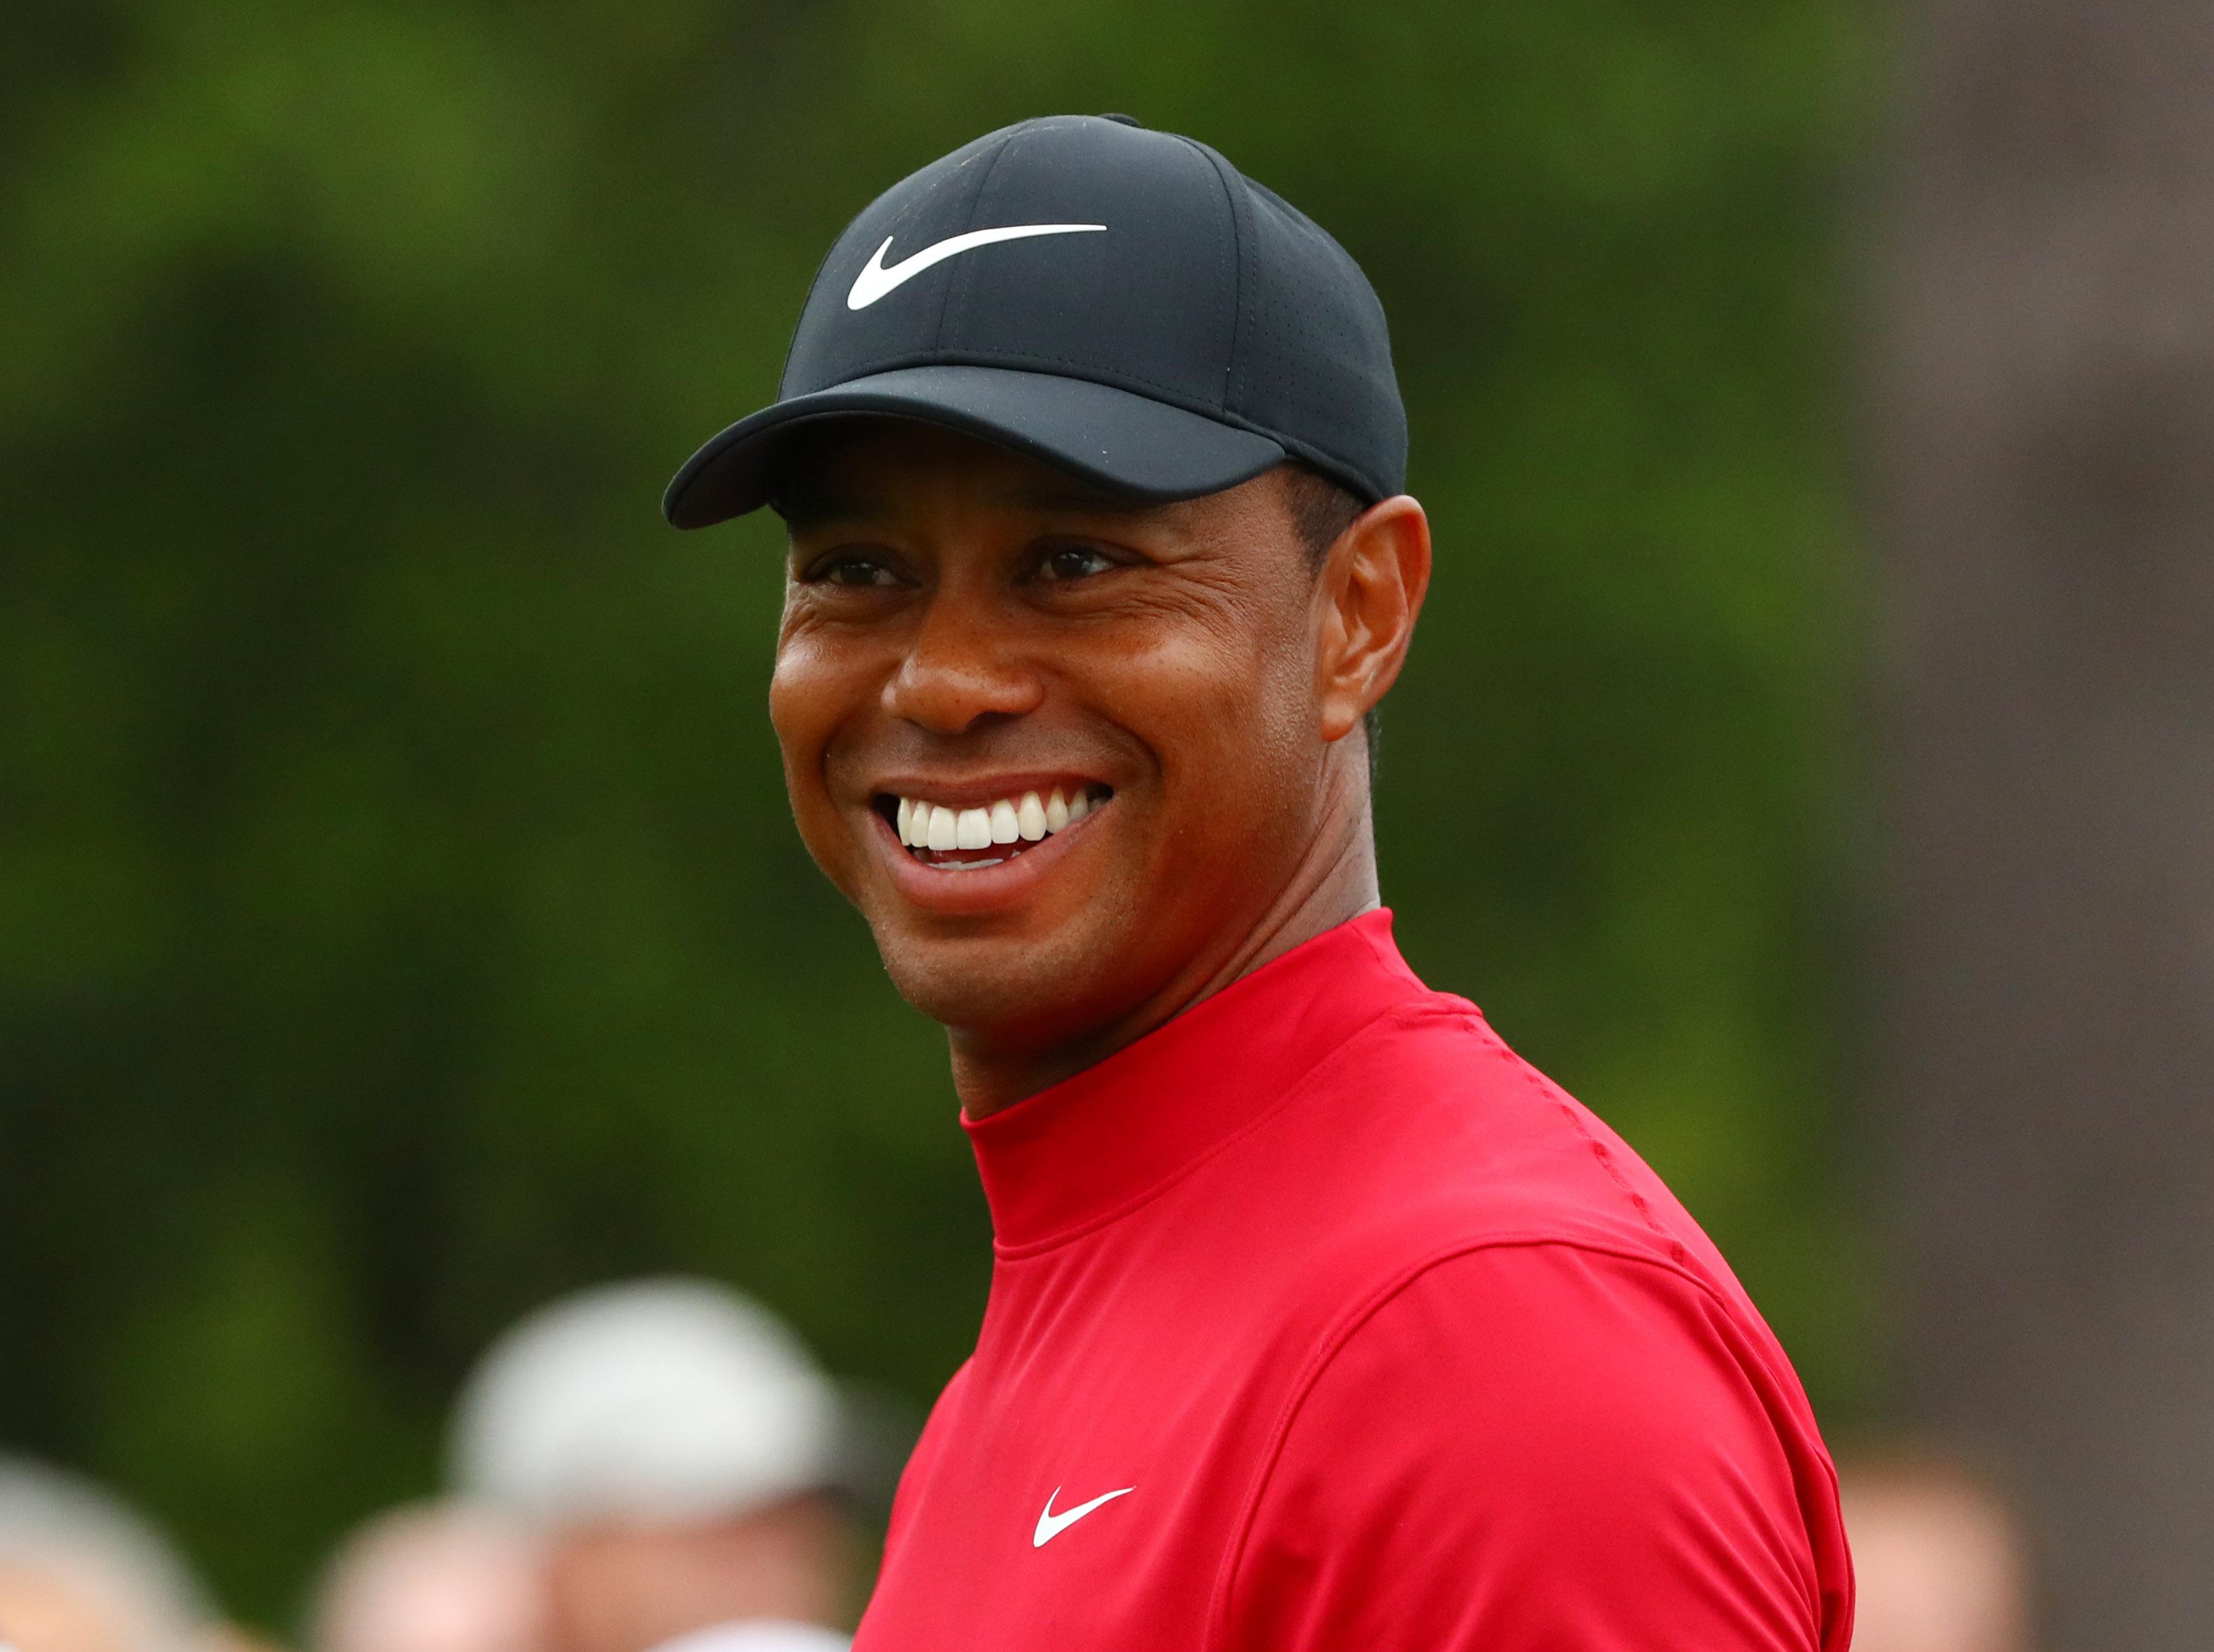 在奥古斯塔国家高尔夫俱乐部举行的美国高尔夫大师赛的最后一轮比赛中,老虎伍兹微笑着走下第8个球座。